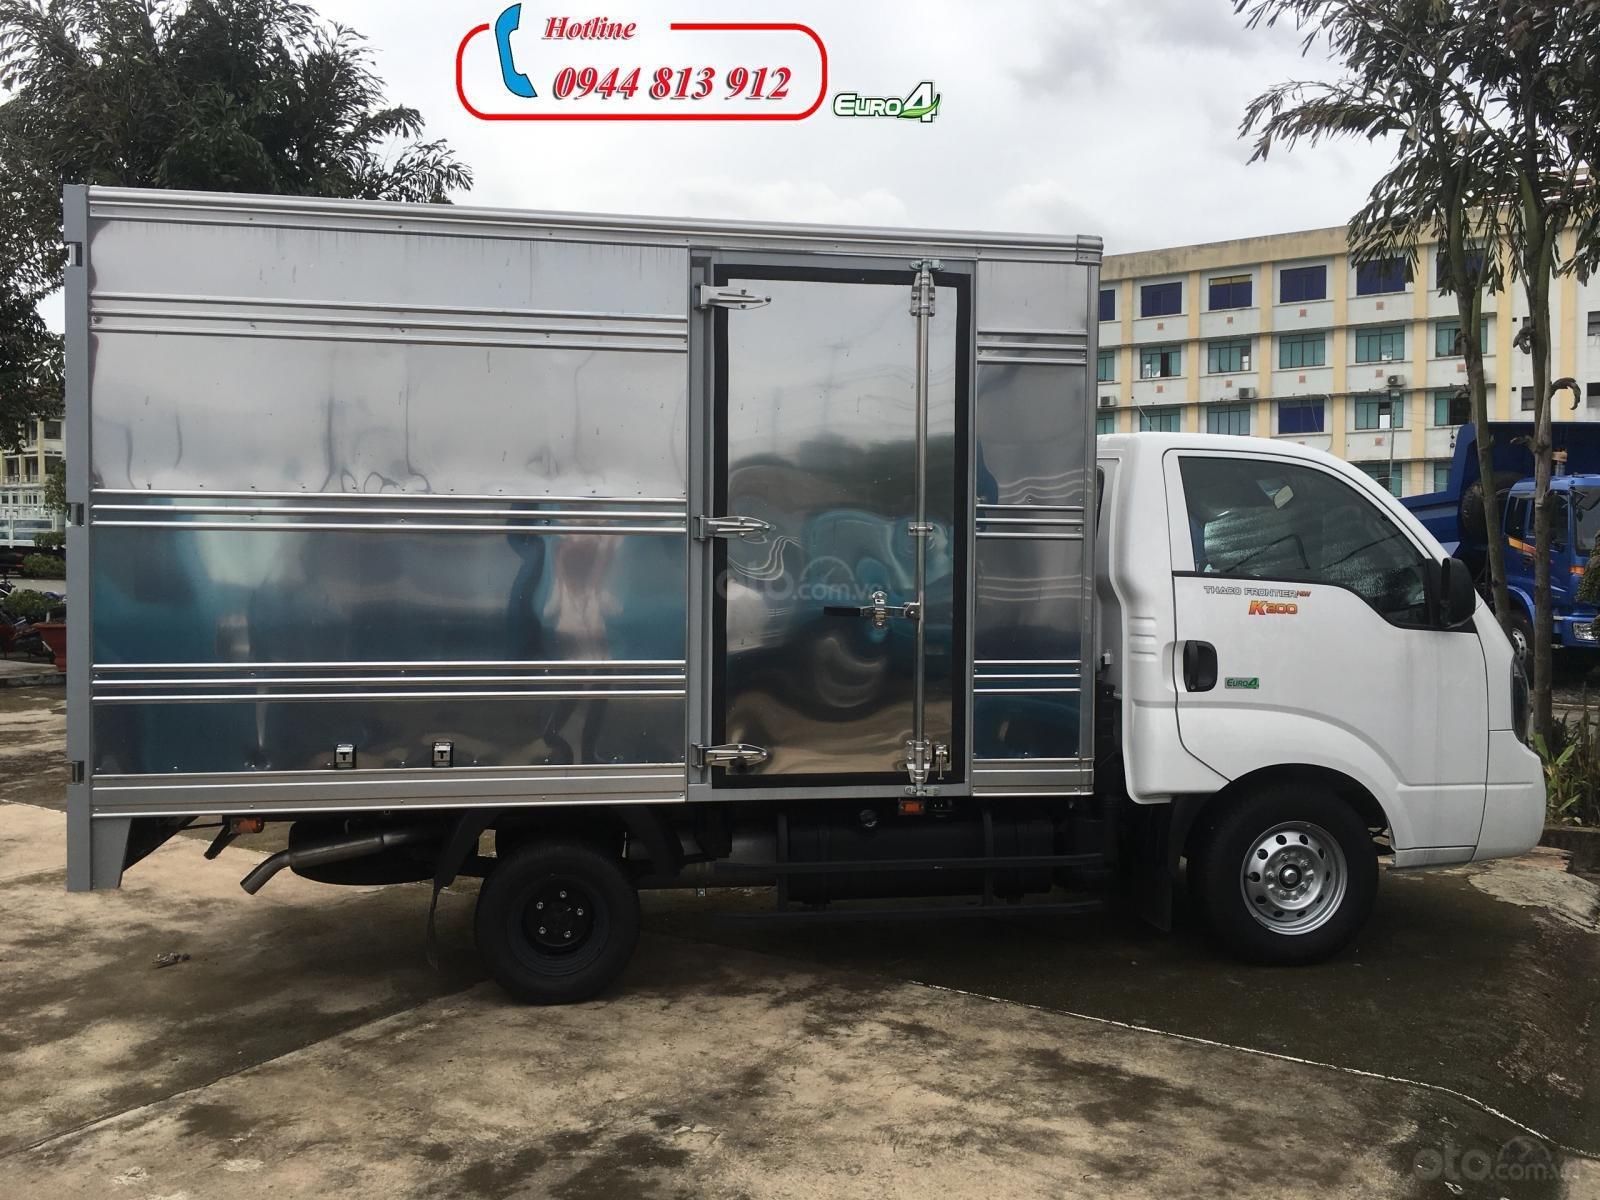 Xe tải 2 tấn, động cơ Hyundai, thùng kín - Thaco Kia K200 - Giao xe ngay tại Bình Dương - LH: 0944 813 912-2